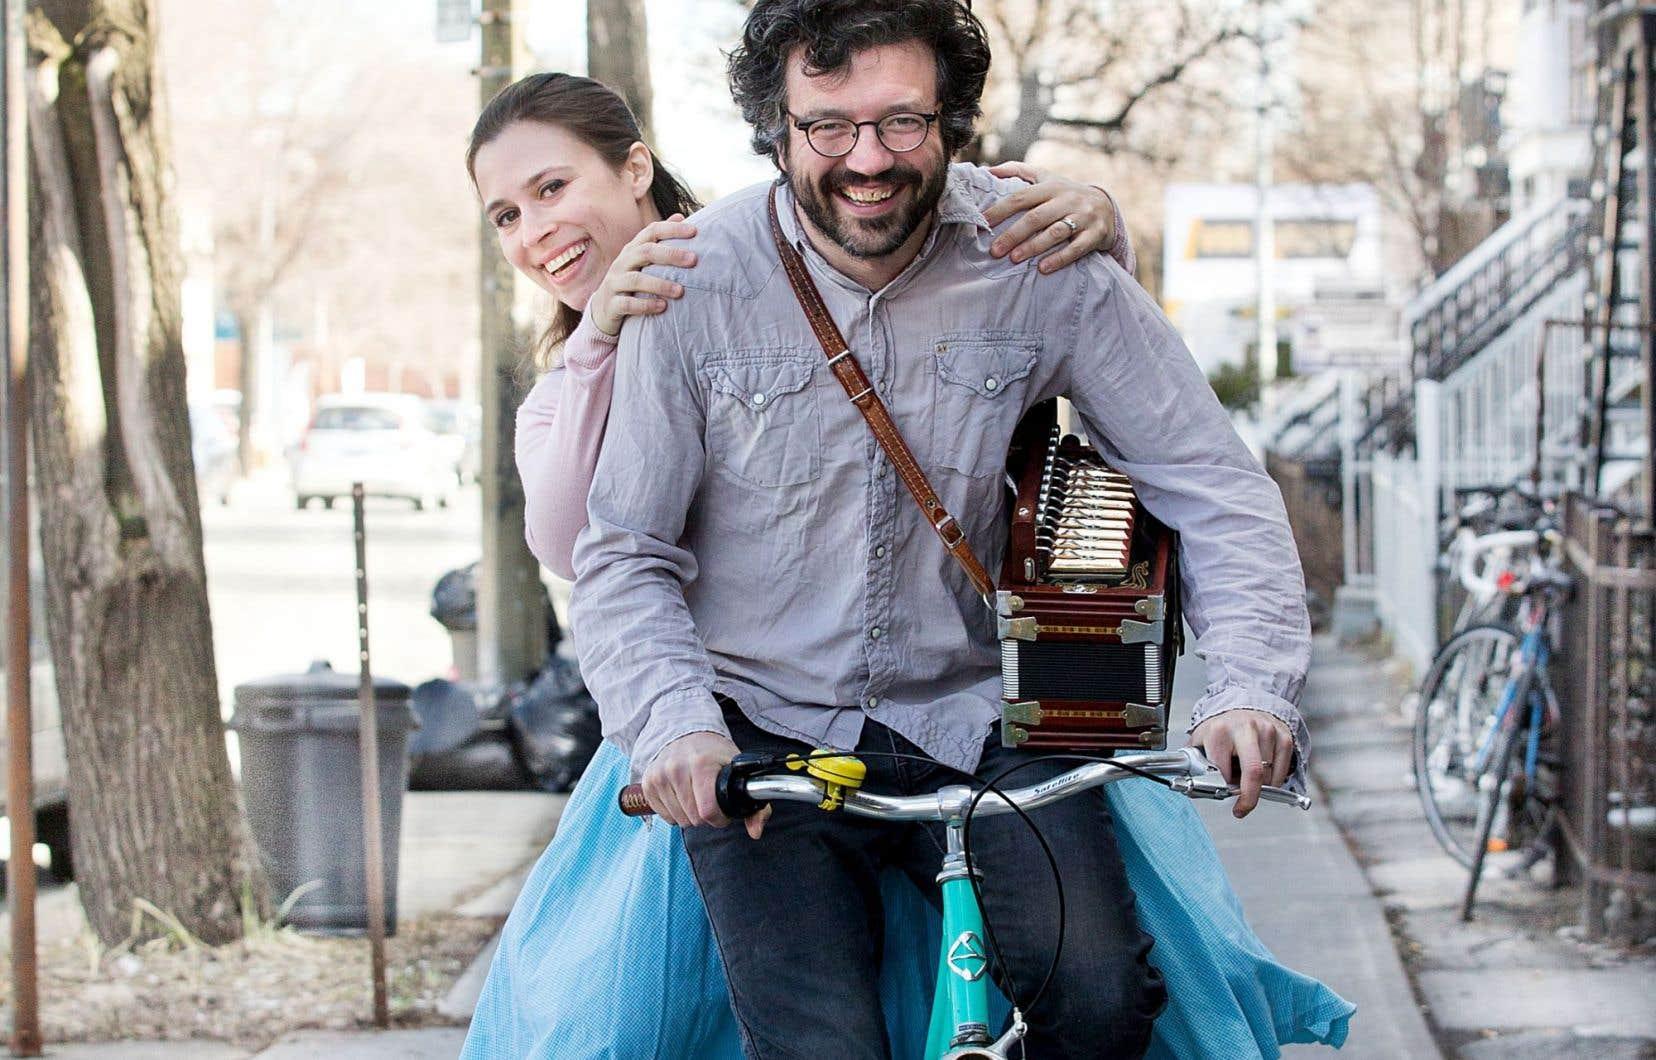 Natalie Haas, Californienne d'origine, fait équipe avec le Québécois Yann Falquet, qui est membre du trio Genticorum.